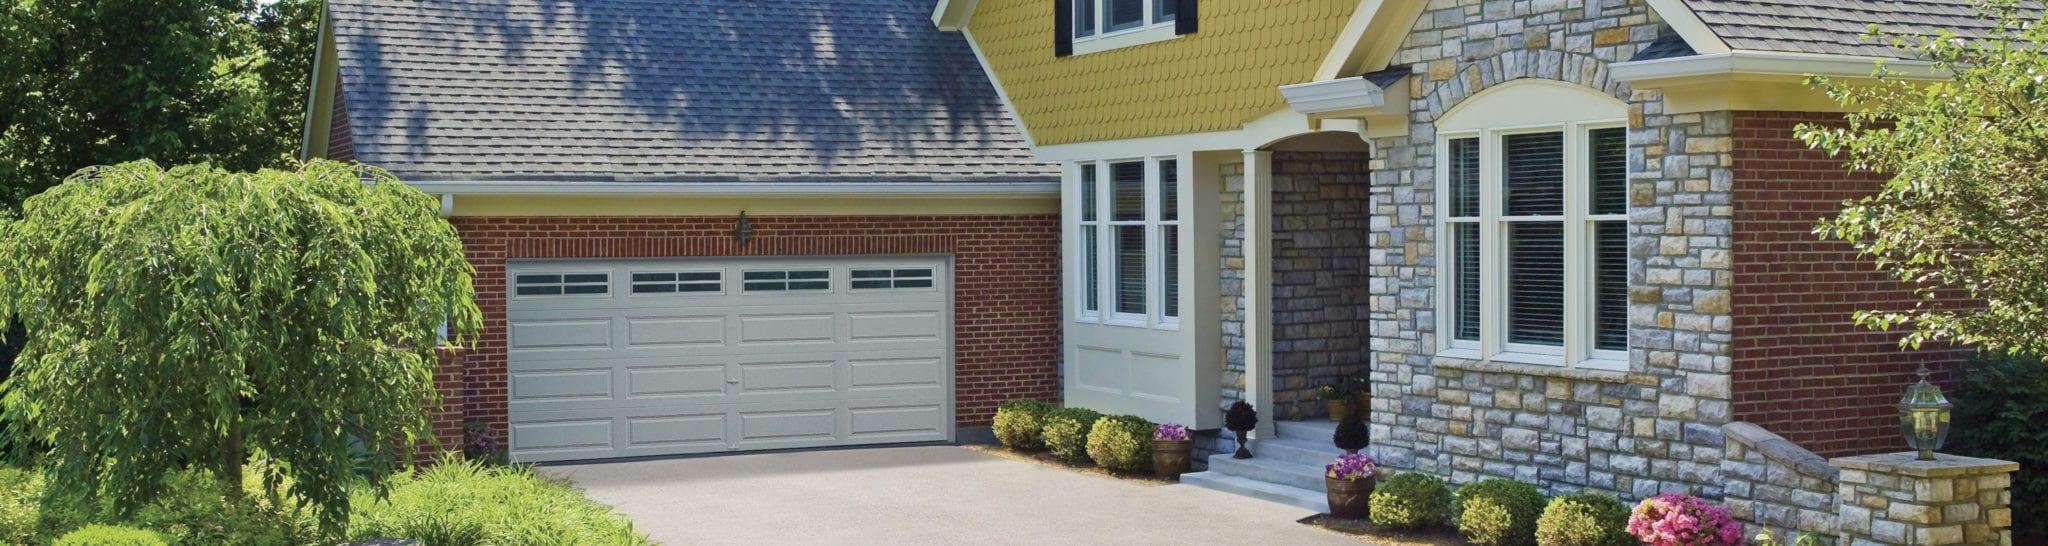 Classic Style Garage Doors